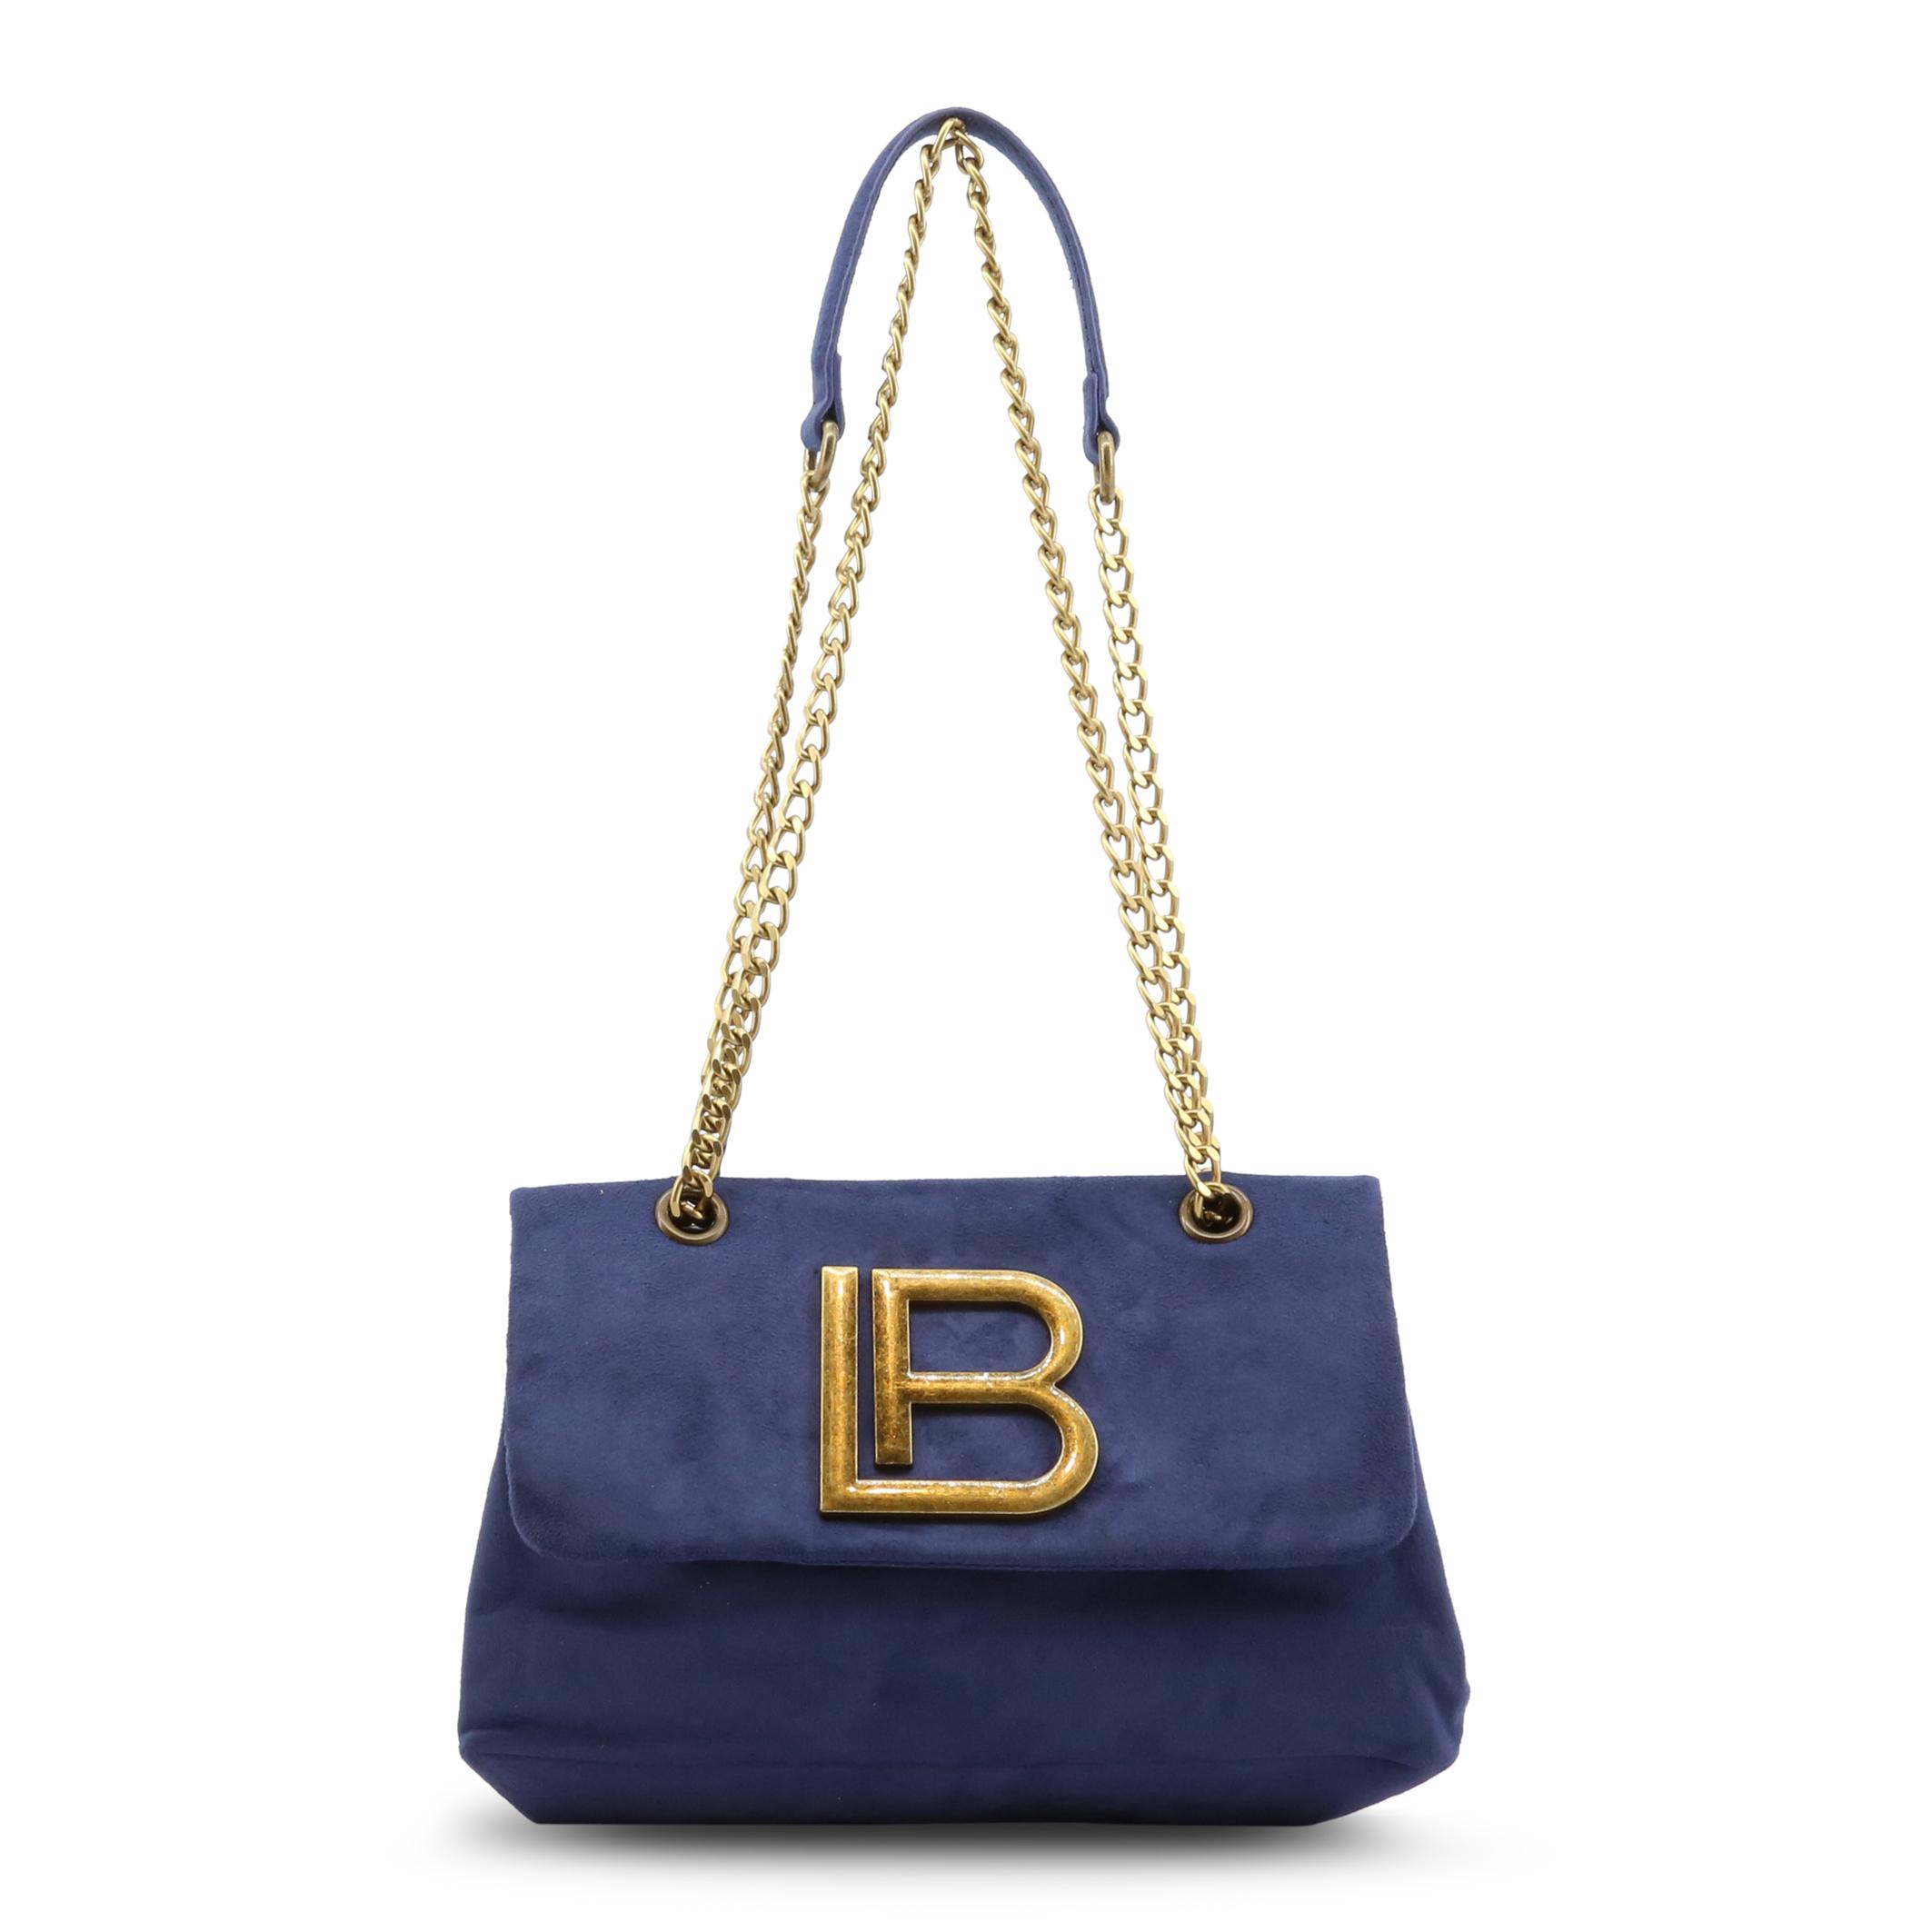 Laura Biagiotti - Selfridge_LB21W-119-1B - Blue